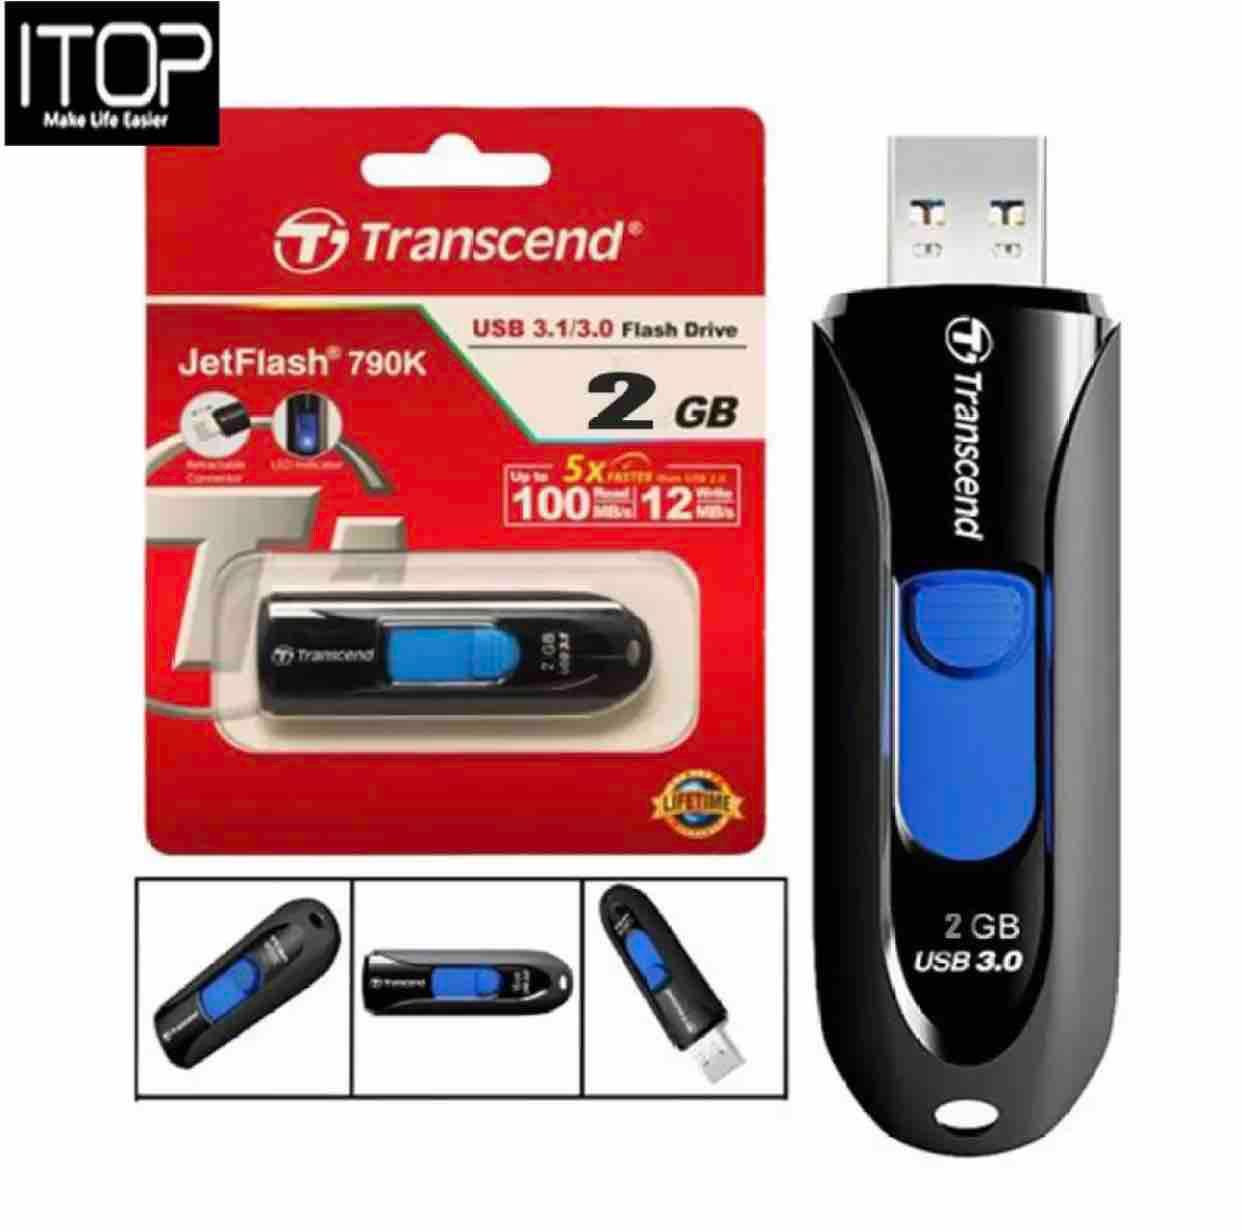 Transcend Jet flash 790 usb 3.0 flash drive 2GB